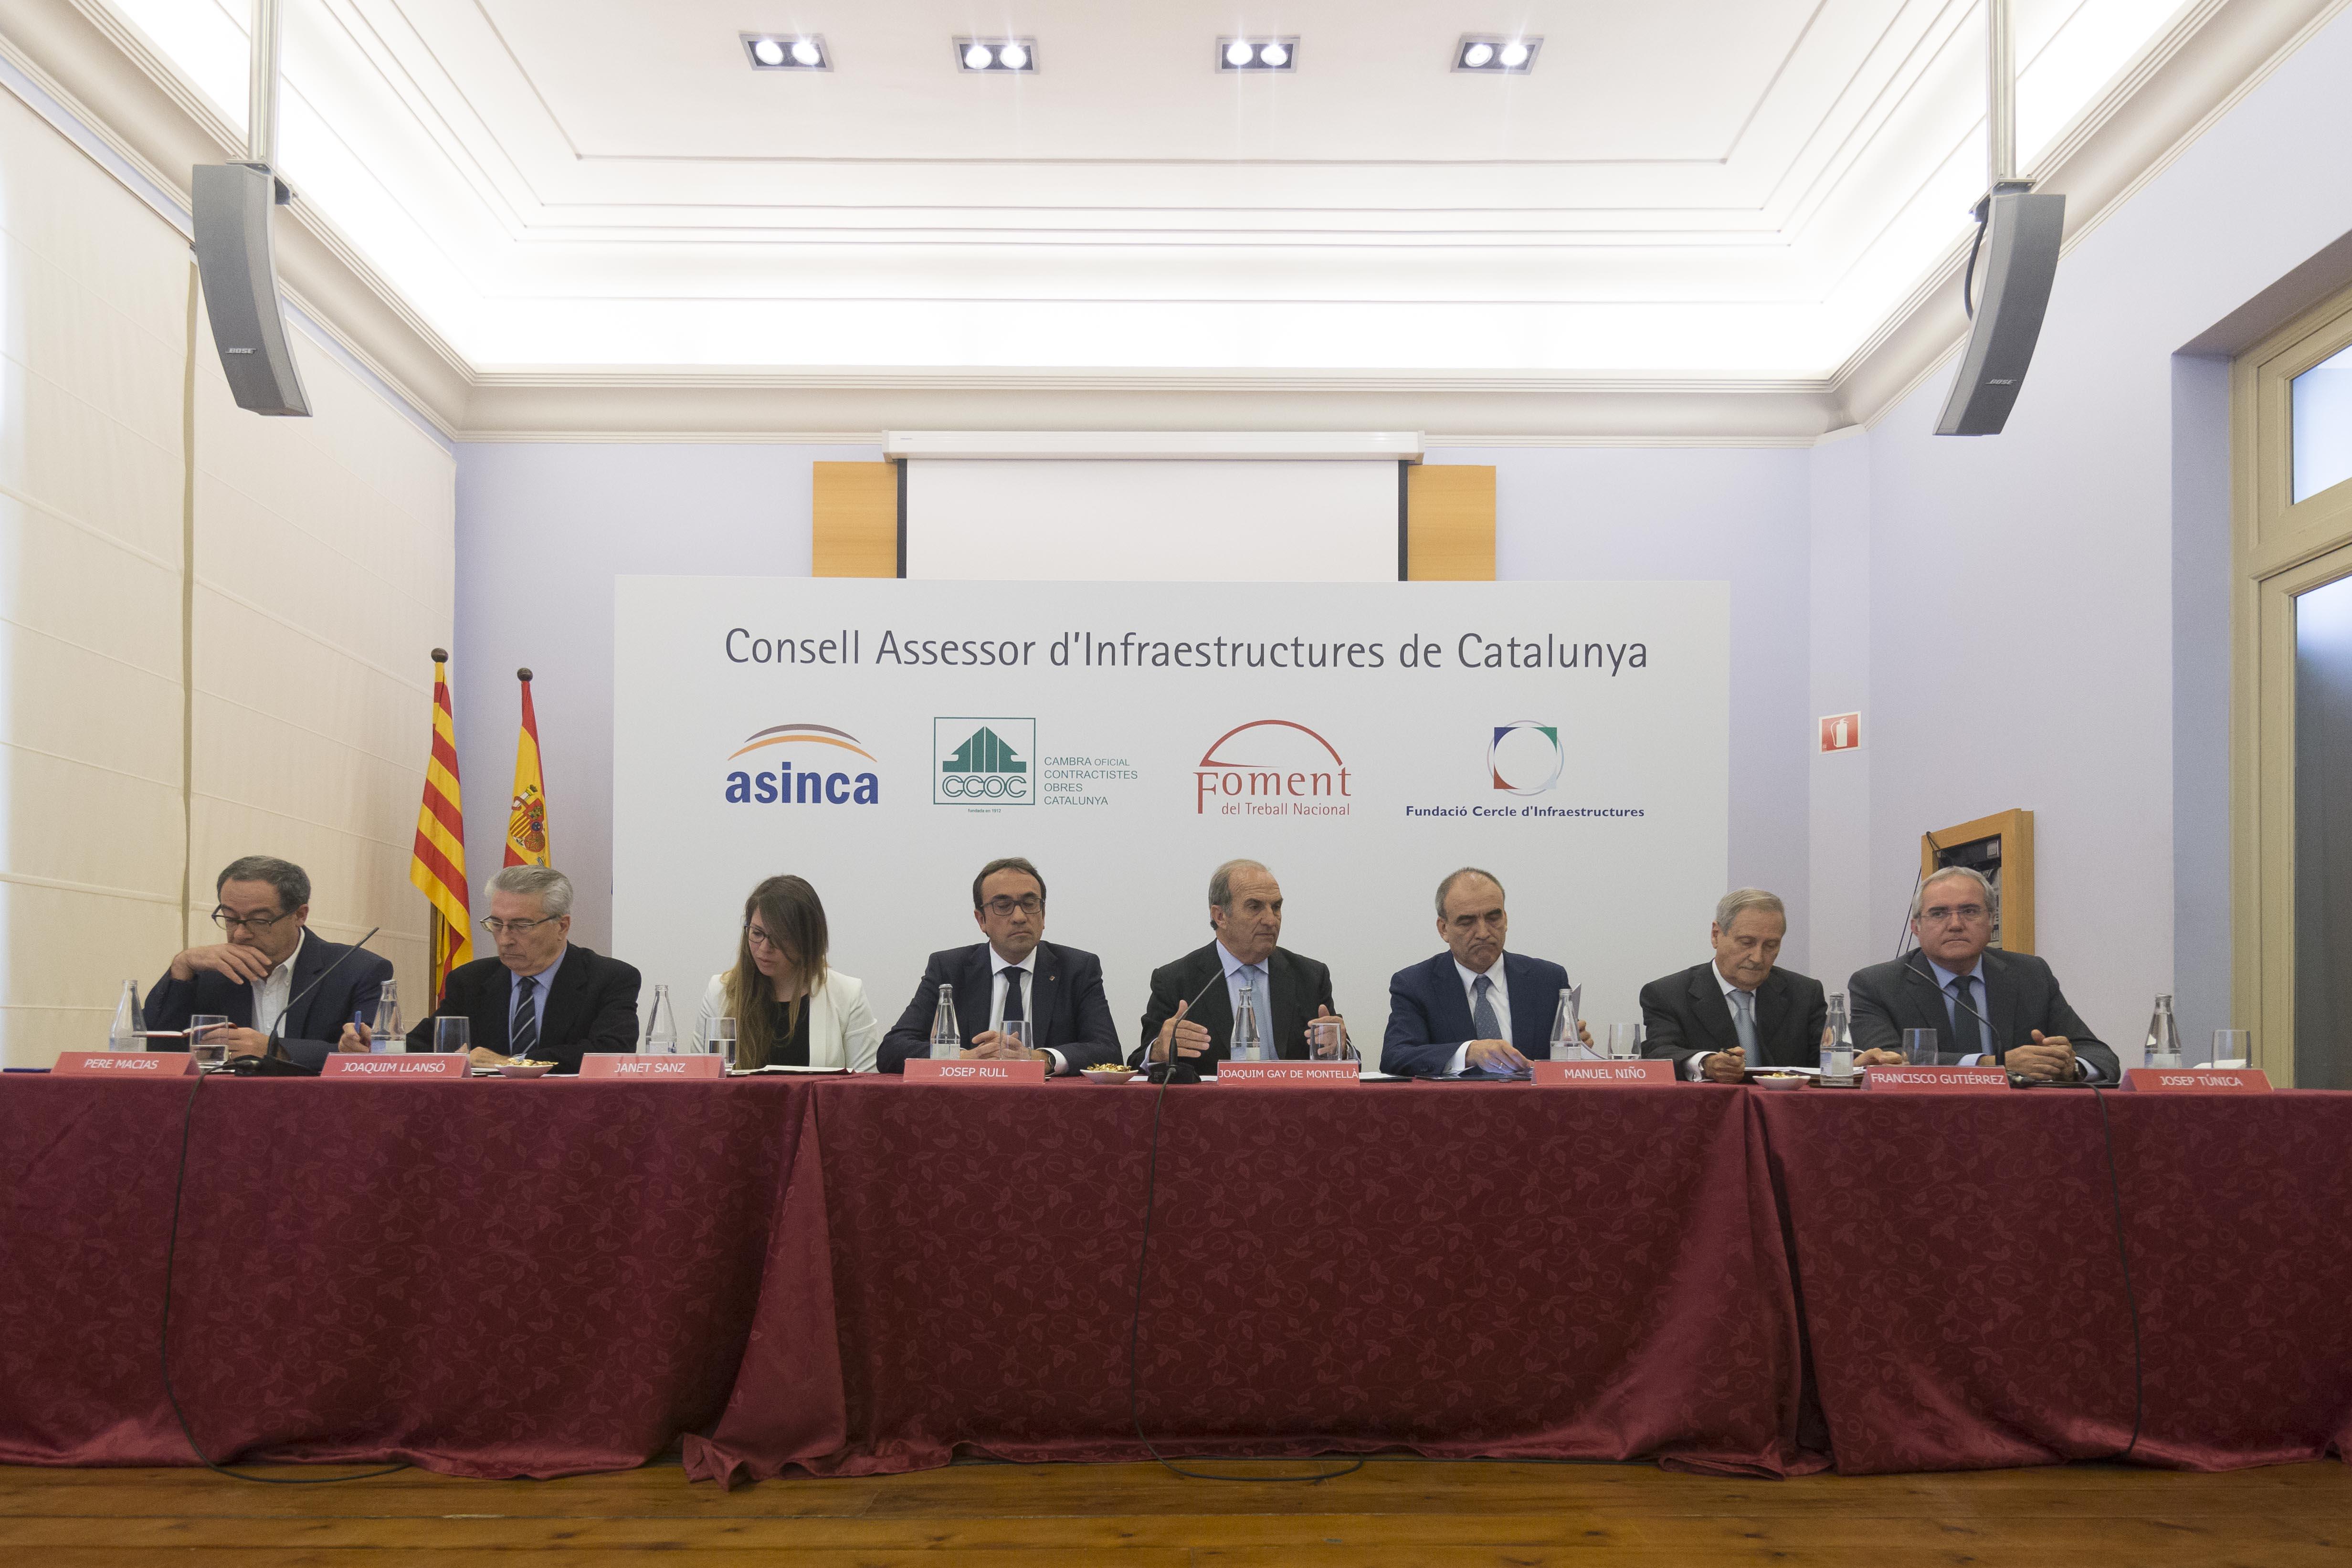 El Consell Assessor d'Infraestructures de Catalunya vol aprofundir en un nou model de gestió basat en la demanda